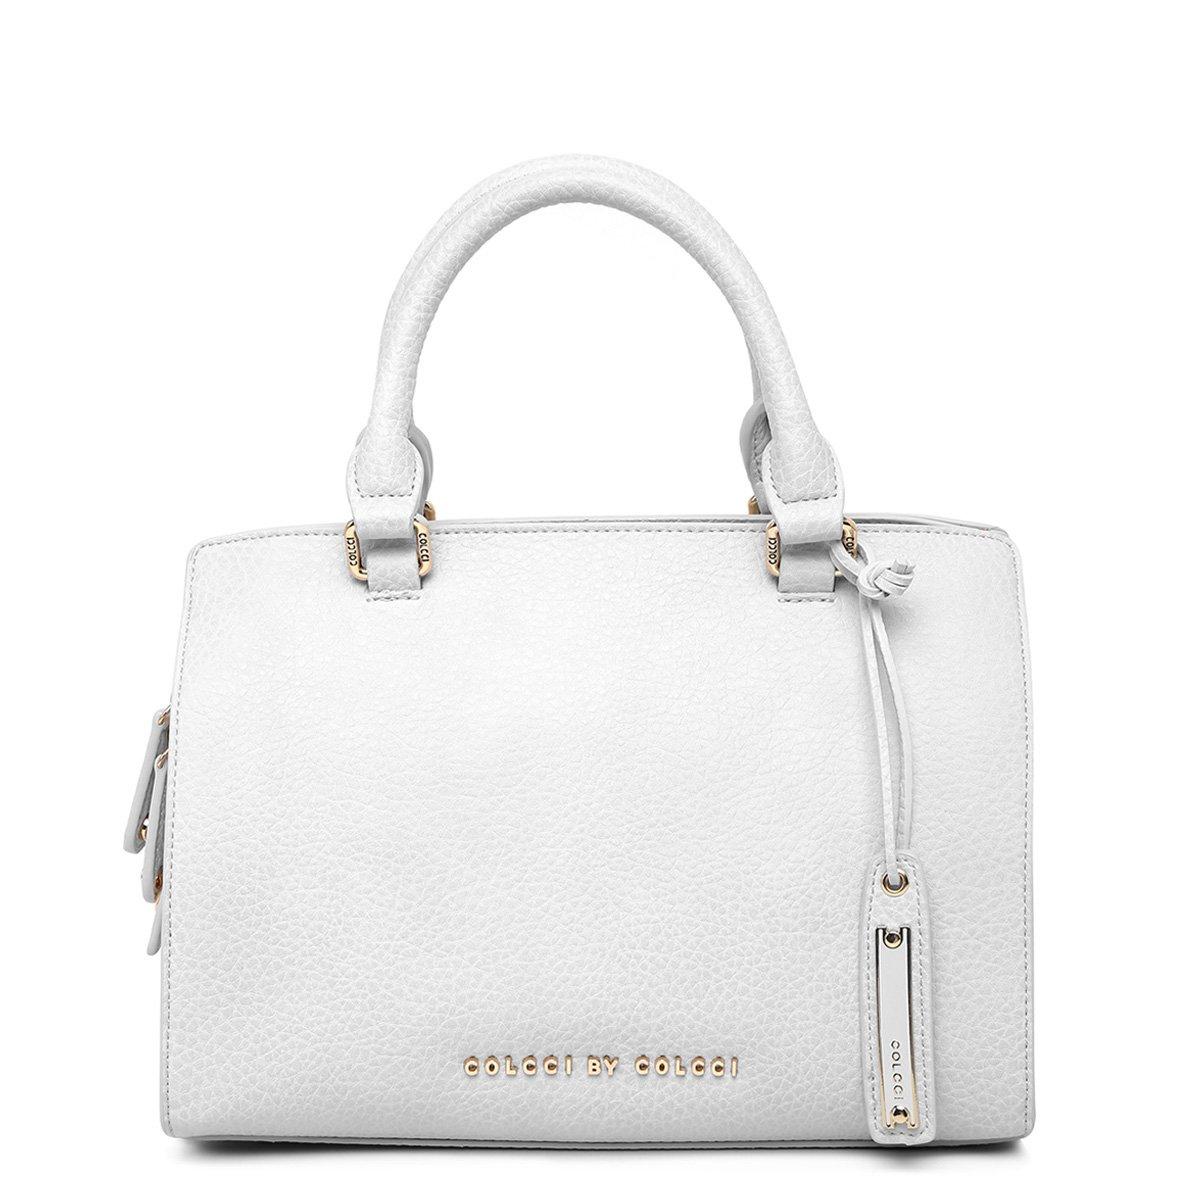 375dbf42c Bolsa Colcci Handbag Pend e Torni Feminina   Livelo -Sua Vida com ...